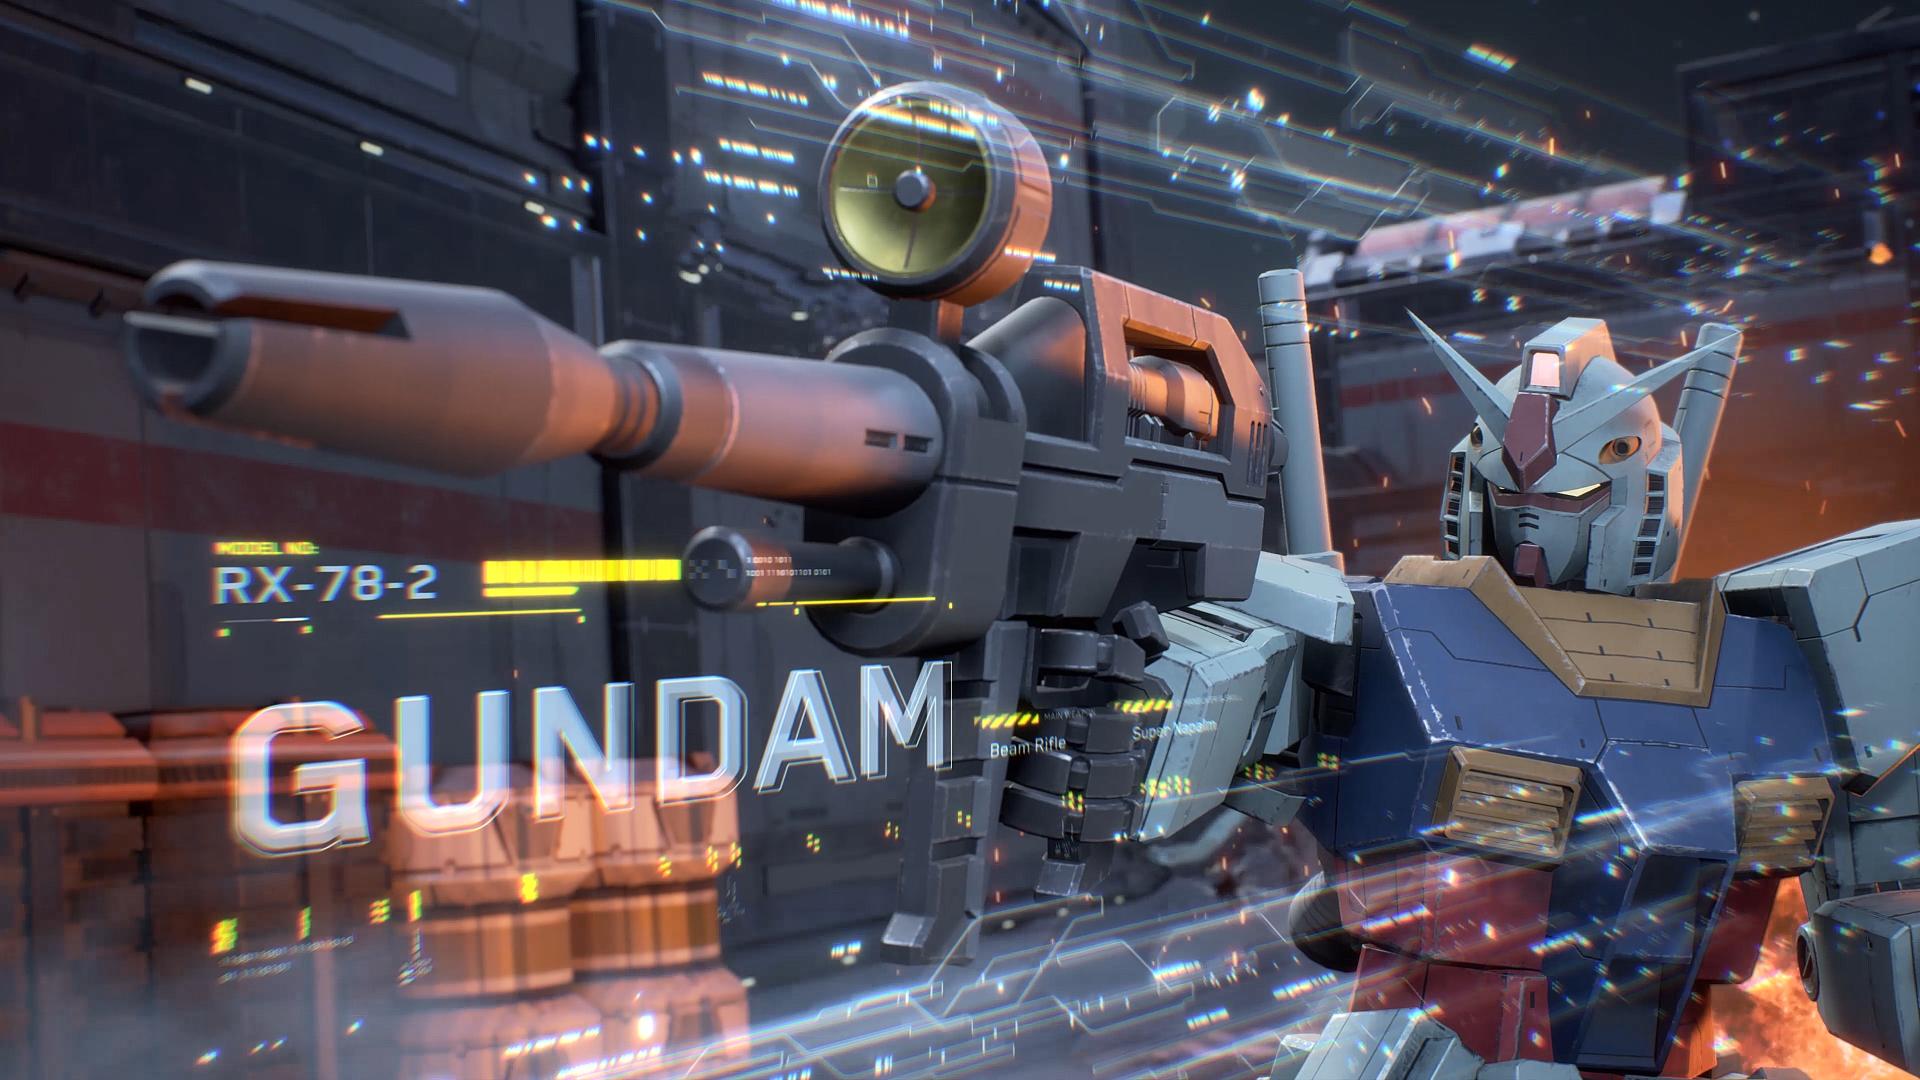 「機動戦士ガンダム」より定番のRX-78-2ガンダム